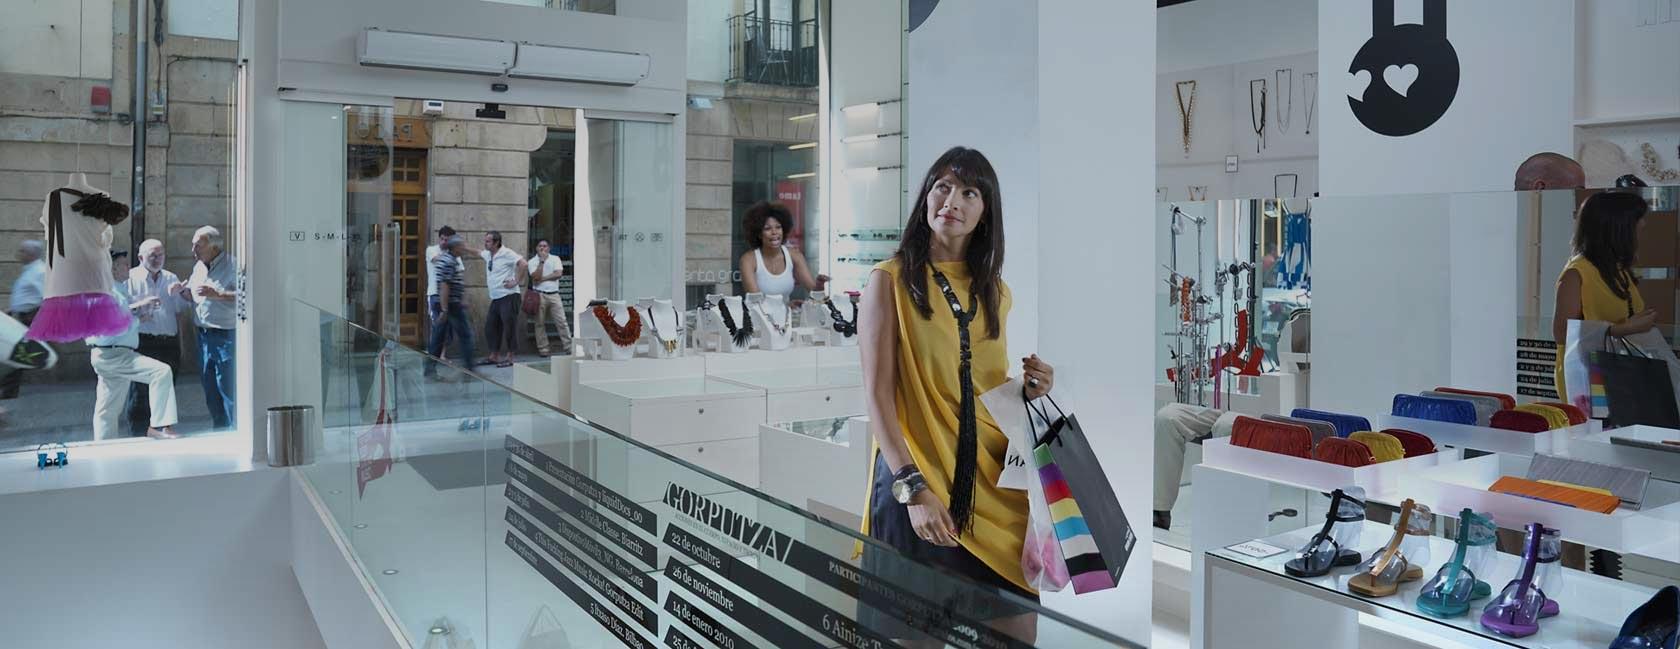 Destino ideal para ir de compras